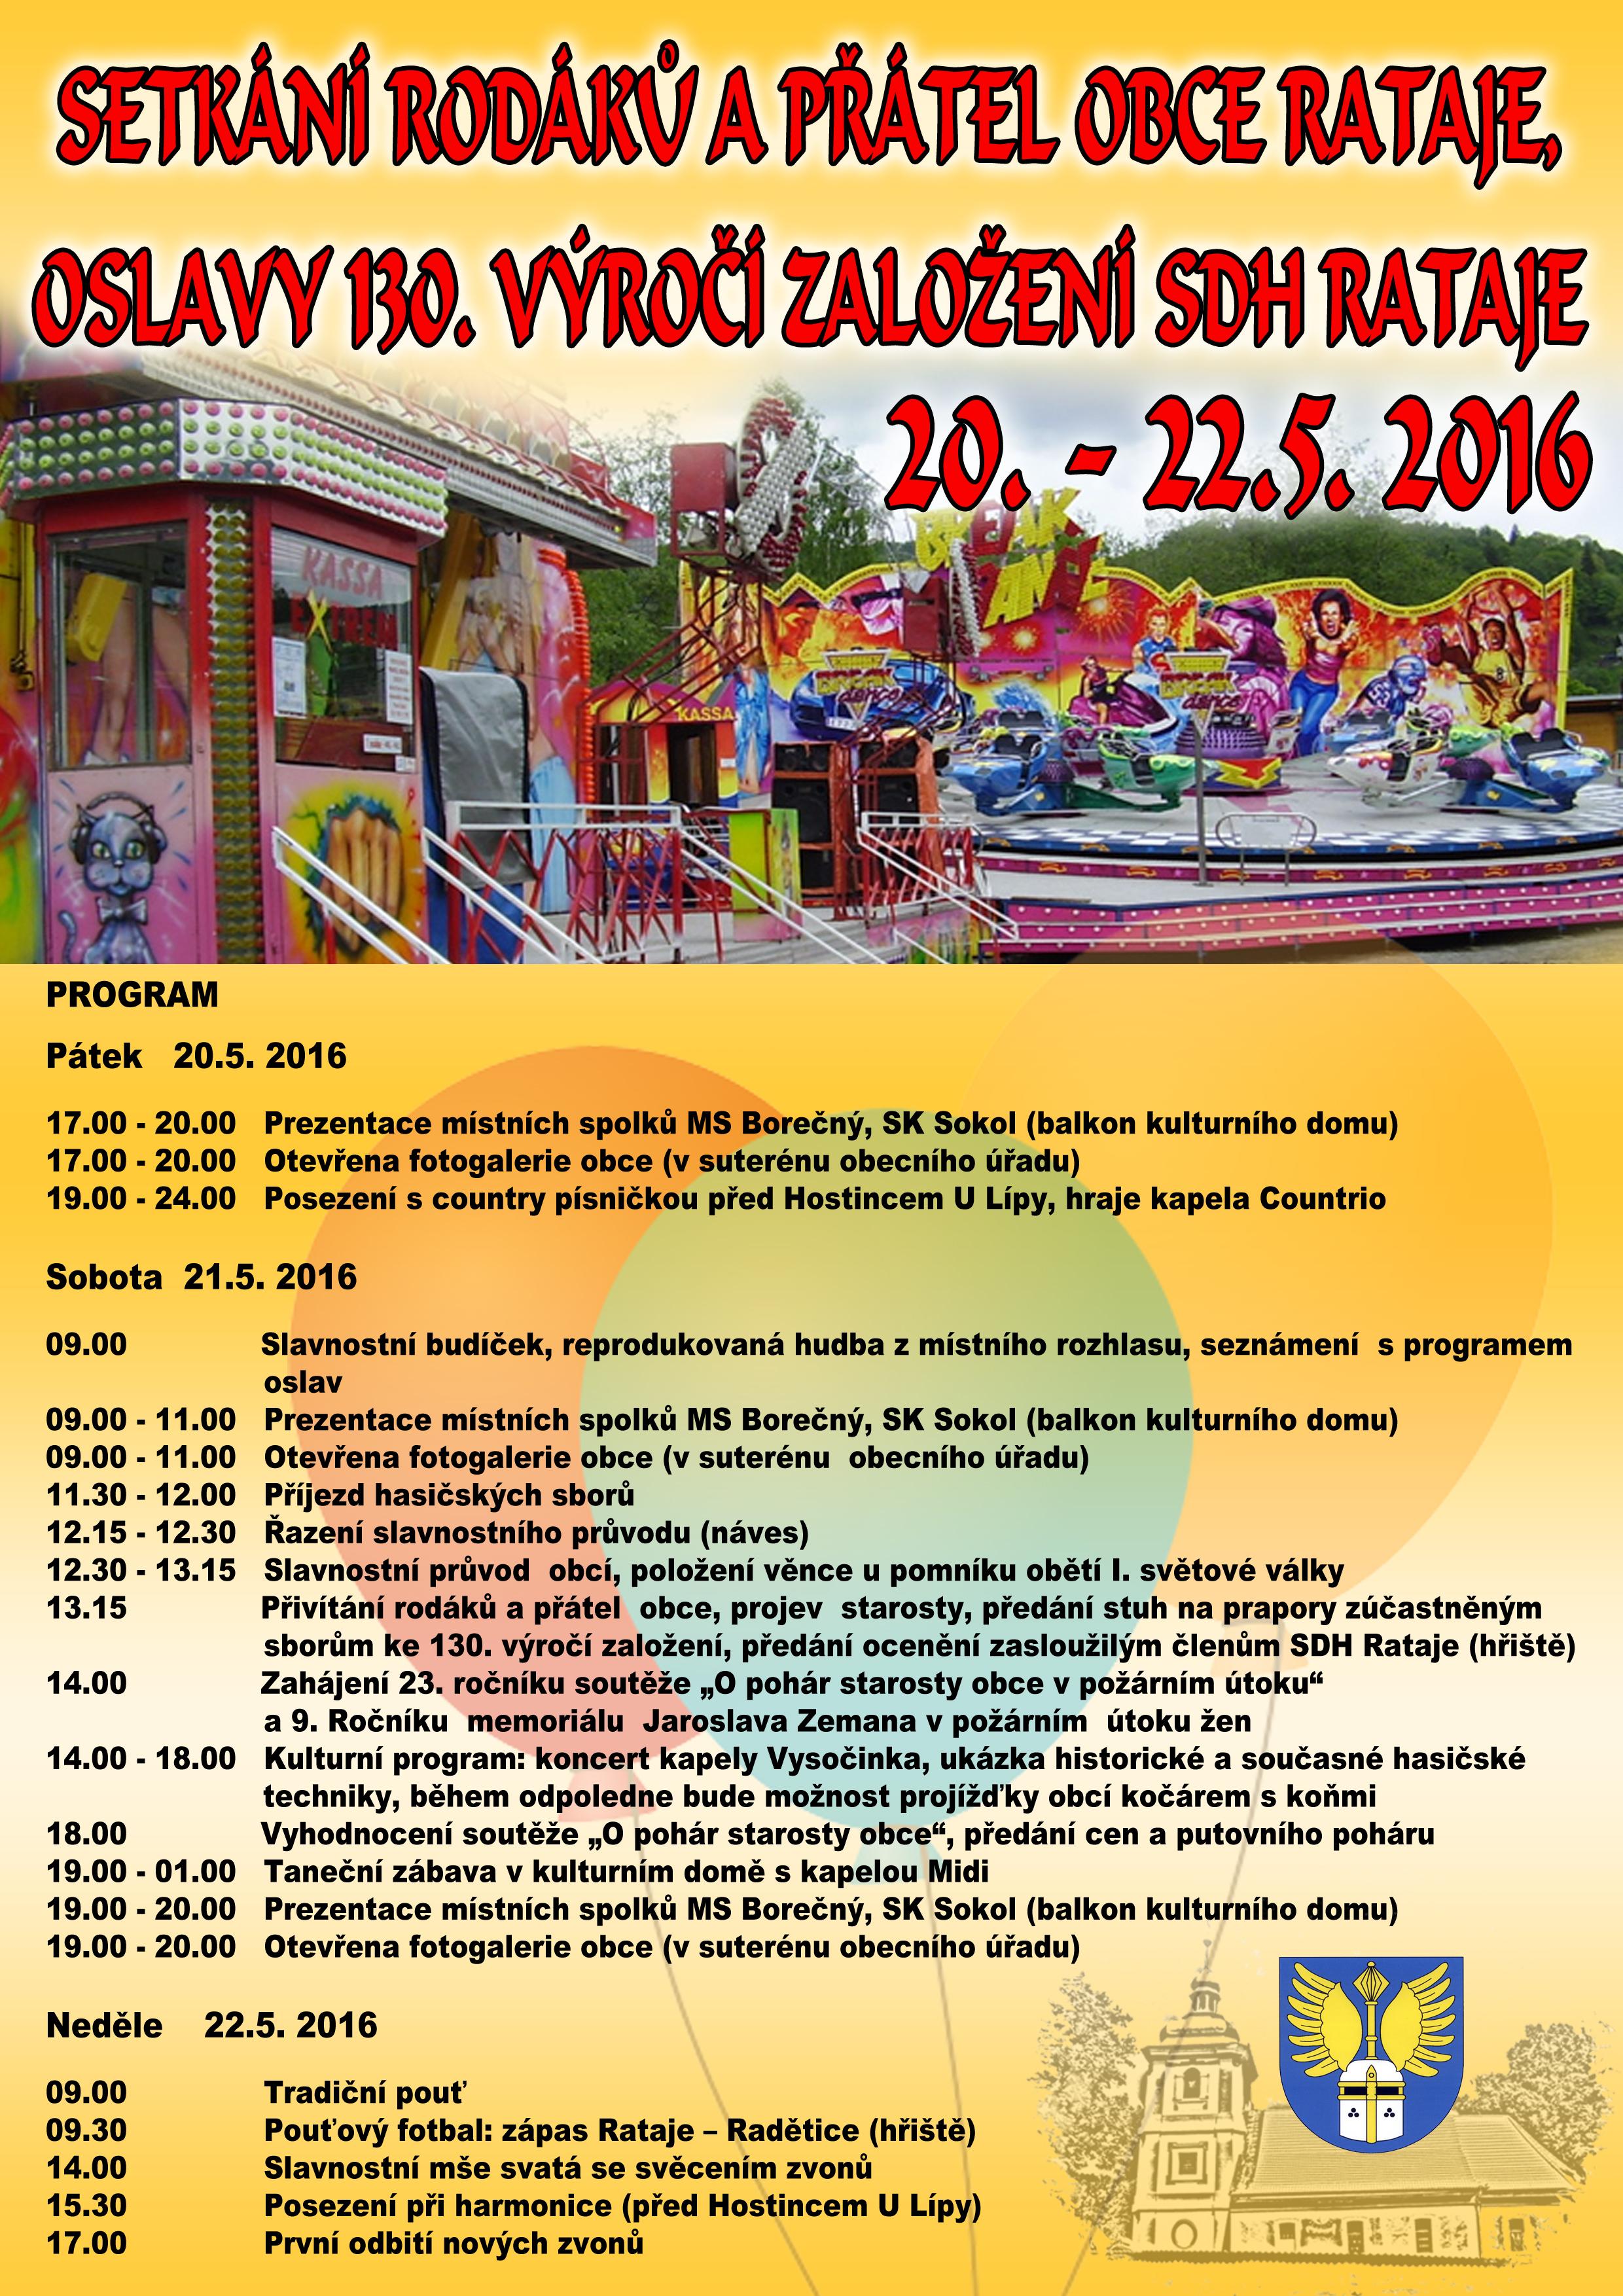 Setkání rodáků a přátel obce a oslavy 130. výročí založení SDH Rataje